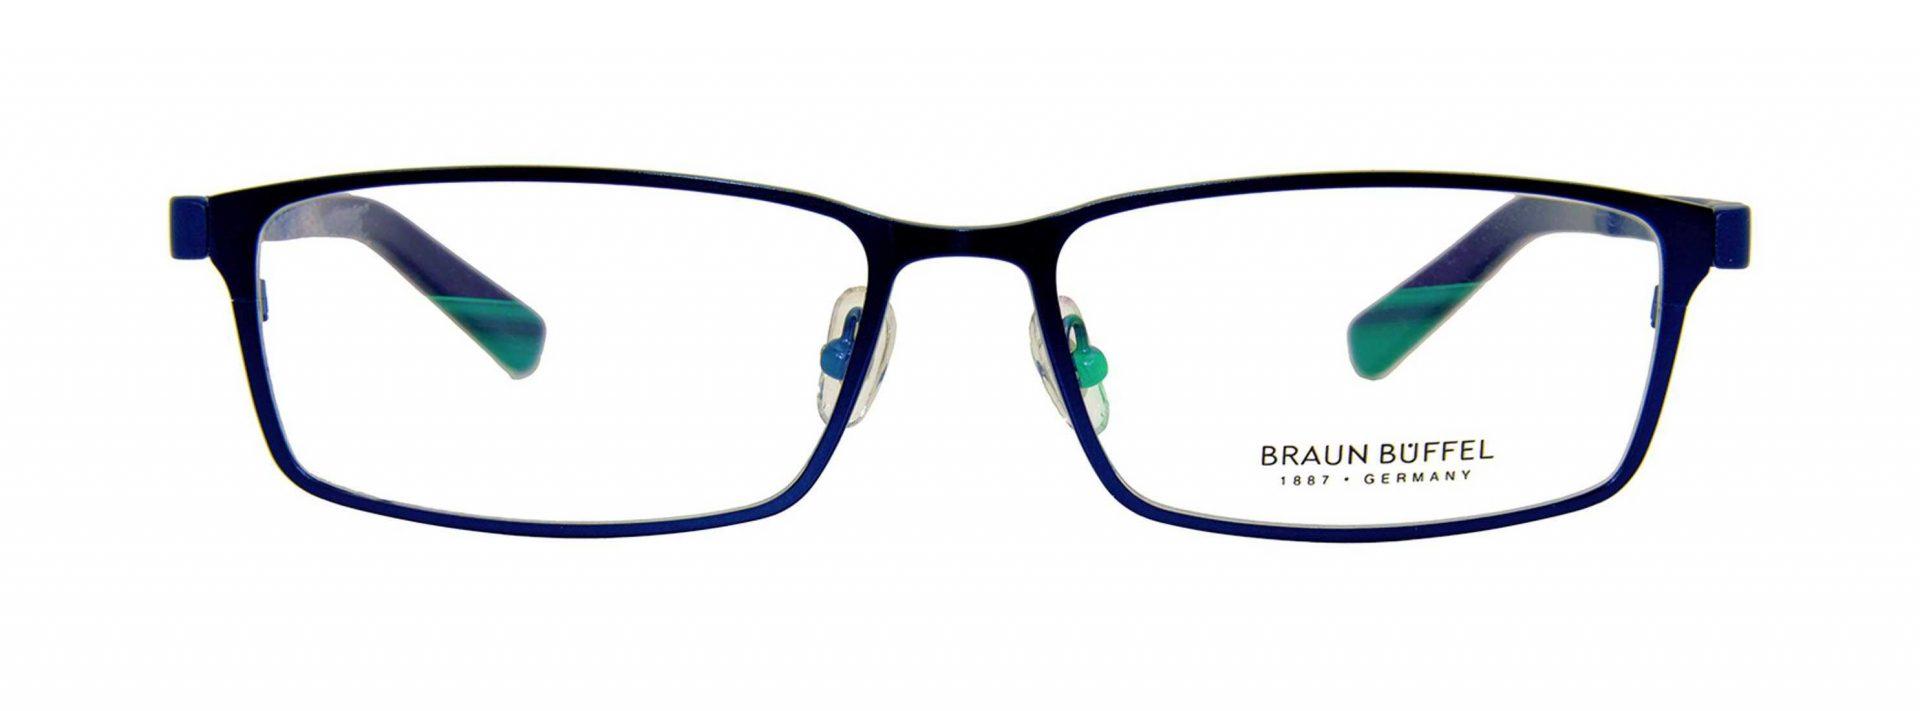 Braun Buffel spectacles 15207 102 02 2970x1100